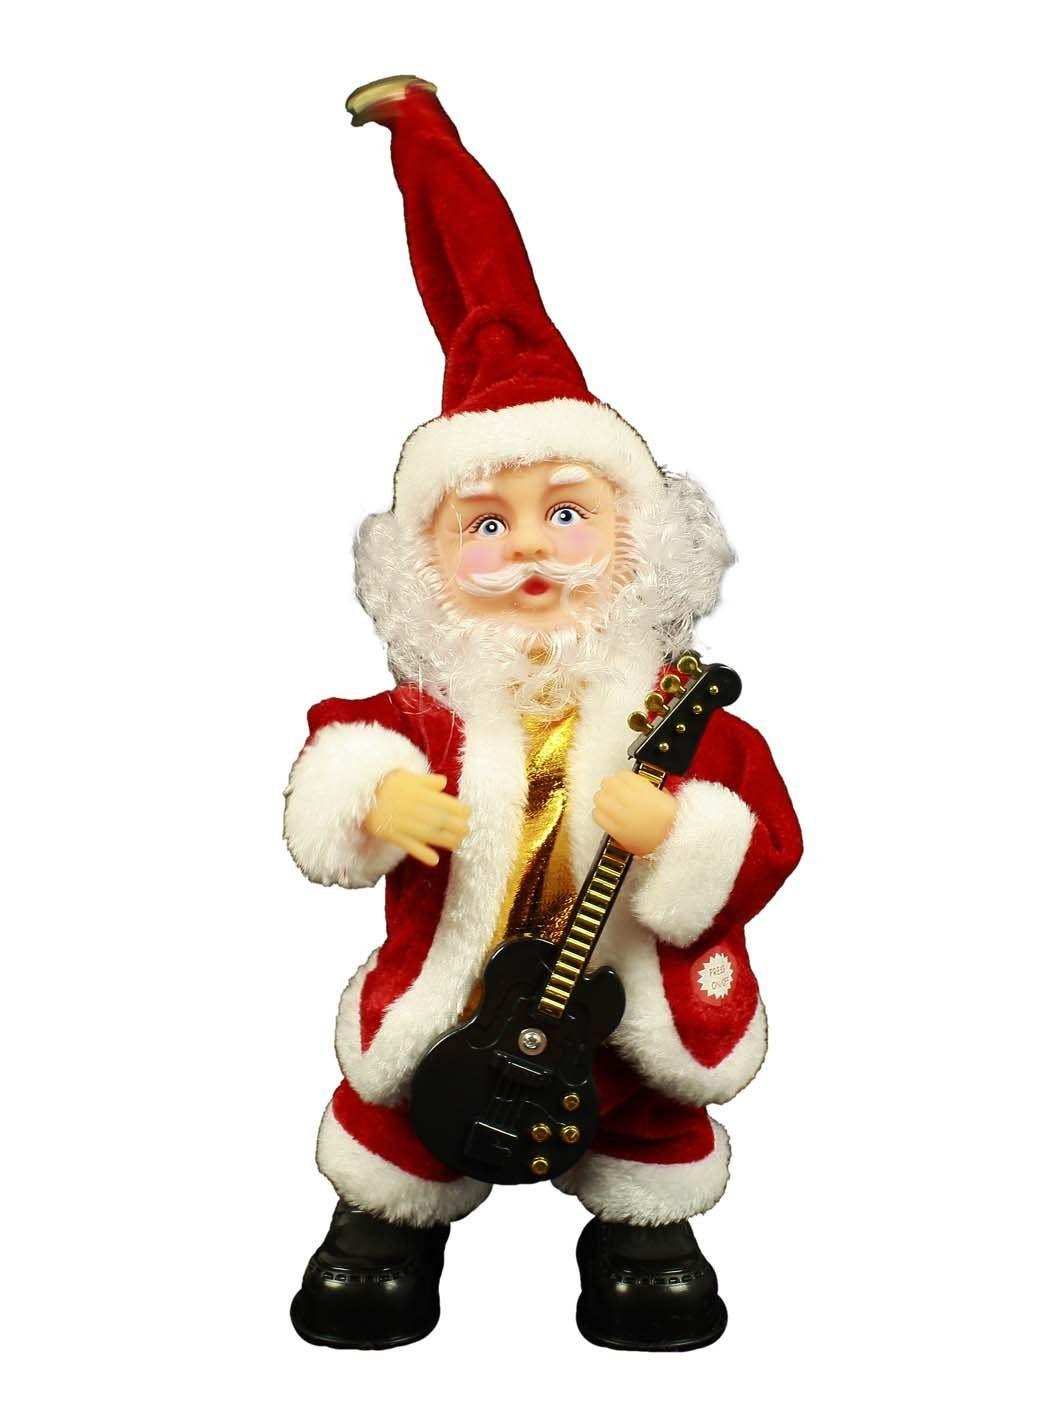 Der Spielzeugtester Hat Das Haac Singende Und Tanzende Weihnachtsmann Nikolaus Wackelfigur Mit Gitarre 29 Cm Fur Tanzender Weihnachtsmann Weihnachtsmann Figur